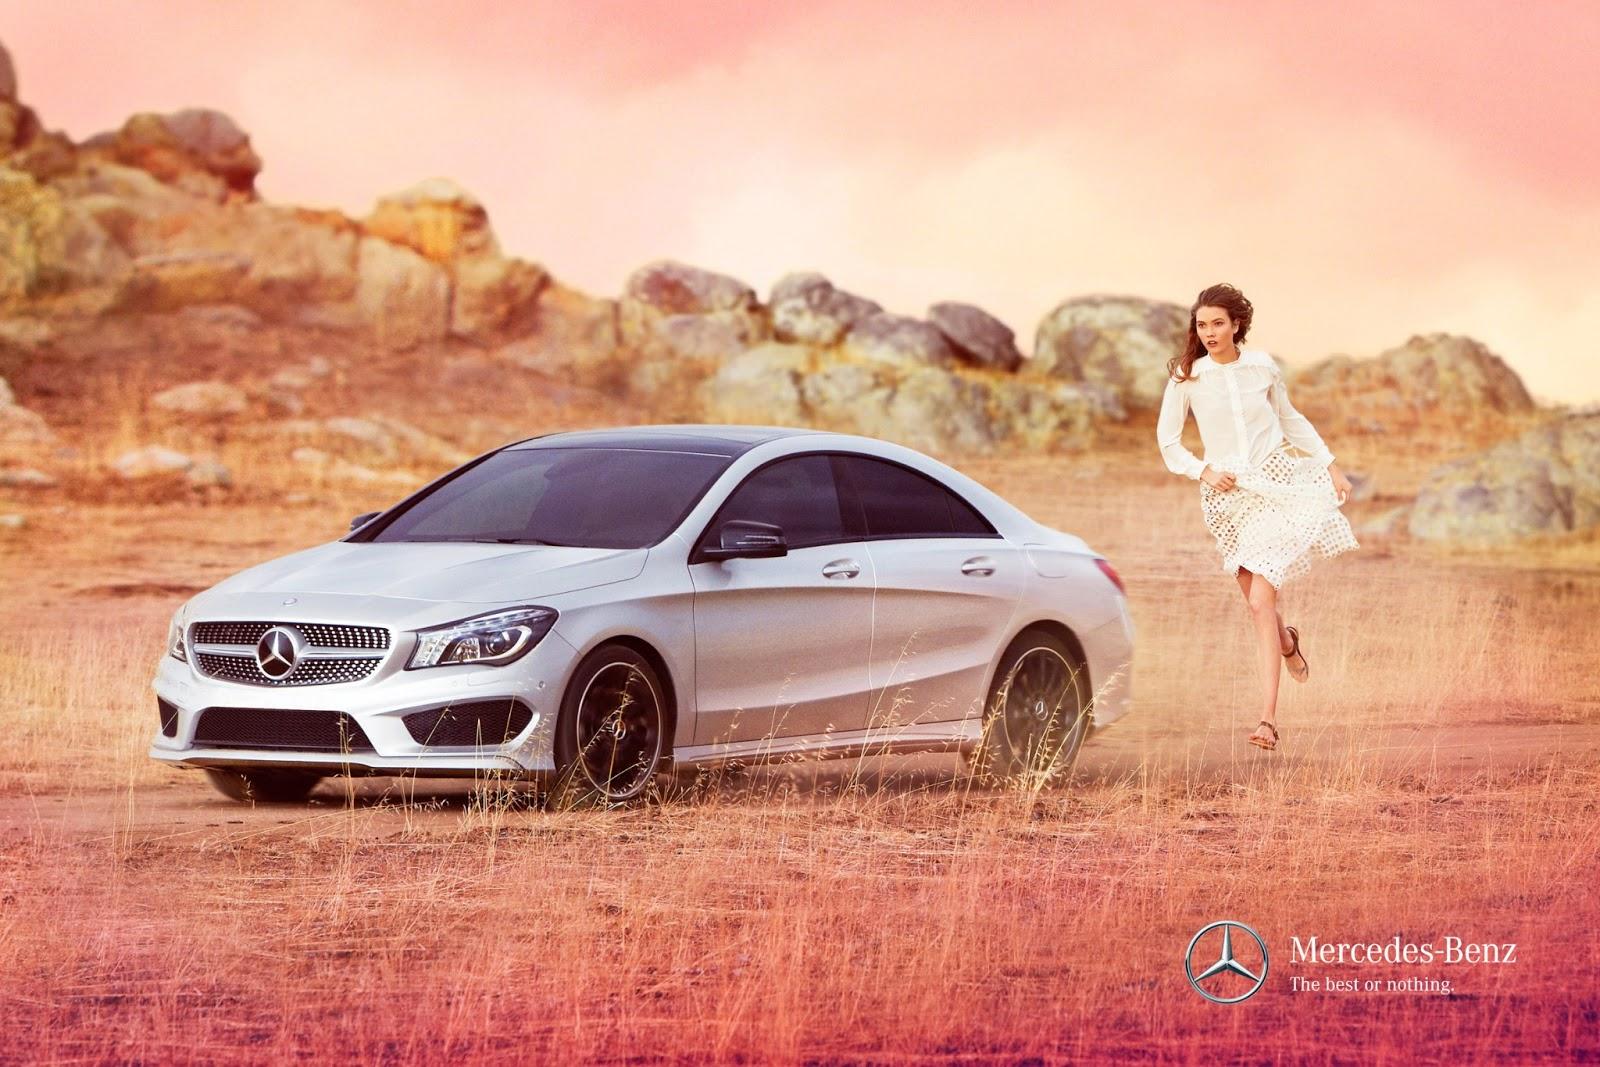 http://4.bp.blogspot.com/-4aKdZBr_Jy4/US4Mdi2kdTI/AAAAAAAAX44/tjOlYlmkkQI/s1600/Mercedes-Benz+FashionWeek+Istanbul_Karlie+Kloss.JPG